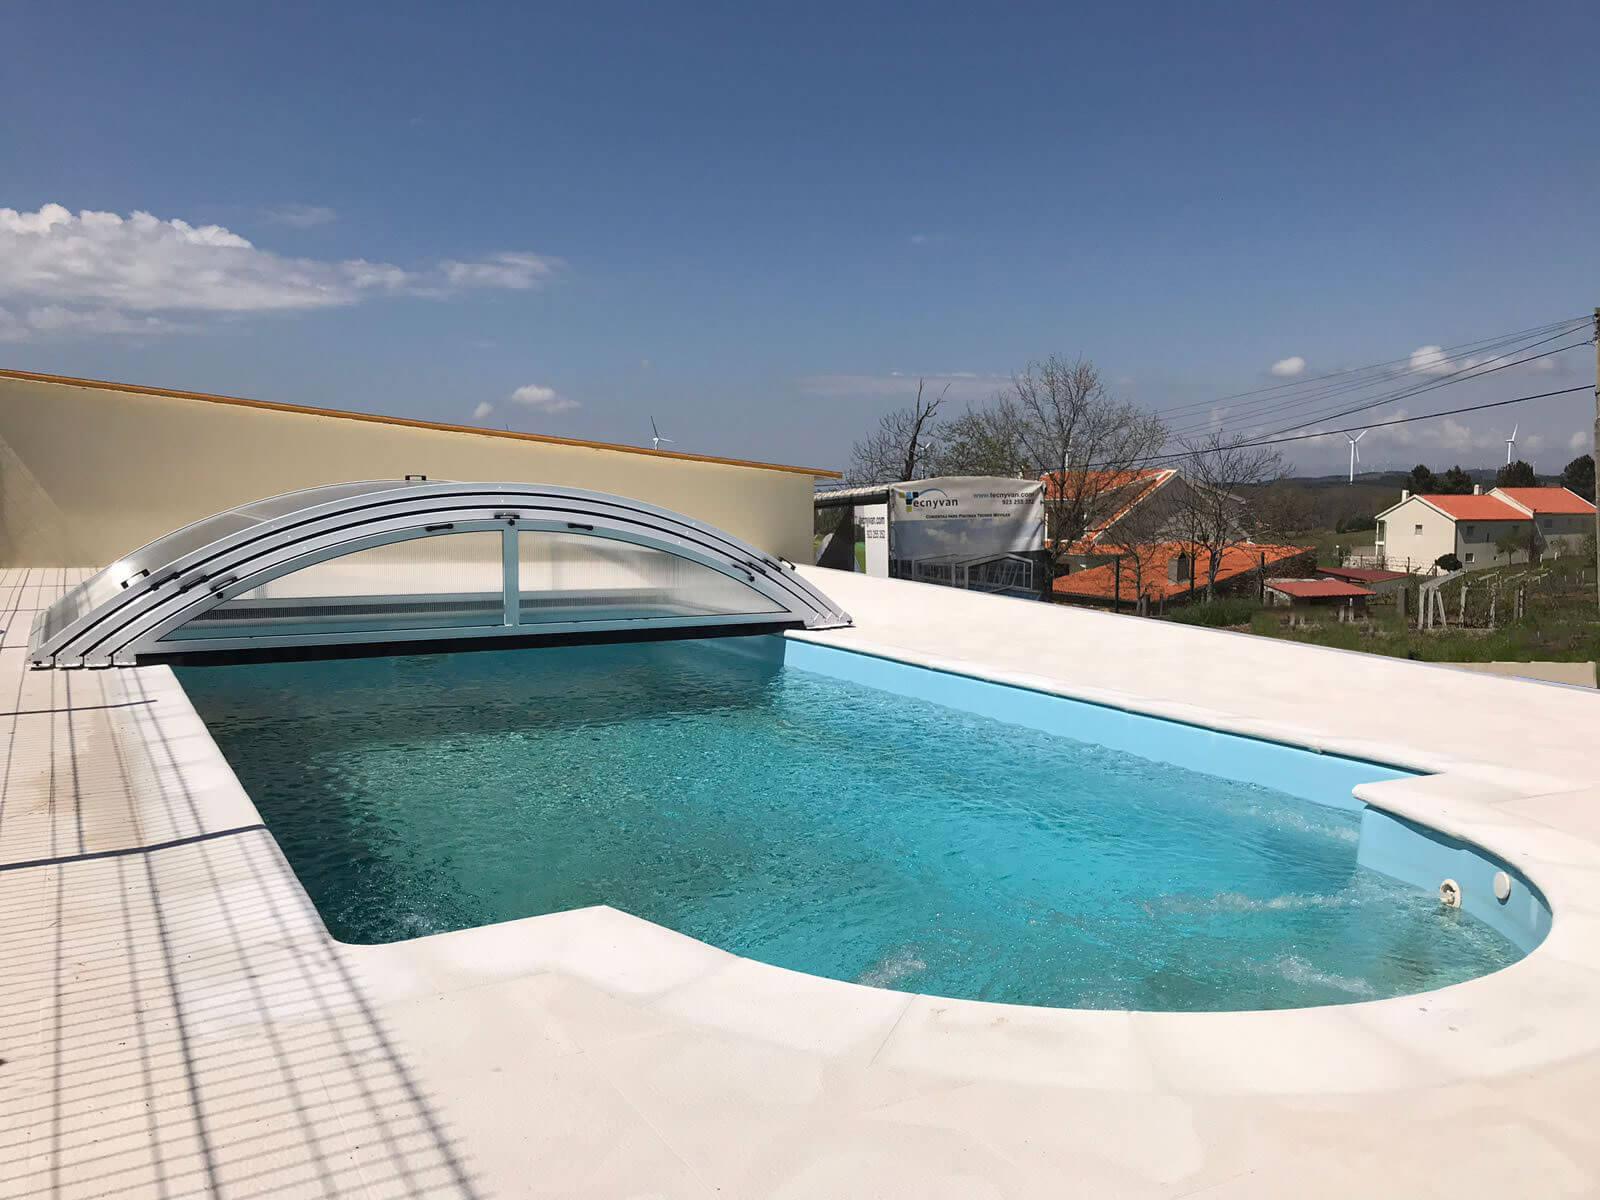 Cubierta Teide: Cubierta telescópica y baja para piscina en Portugal abierta